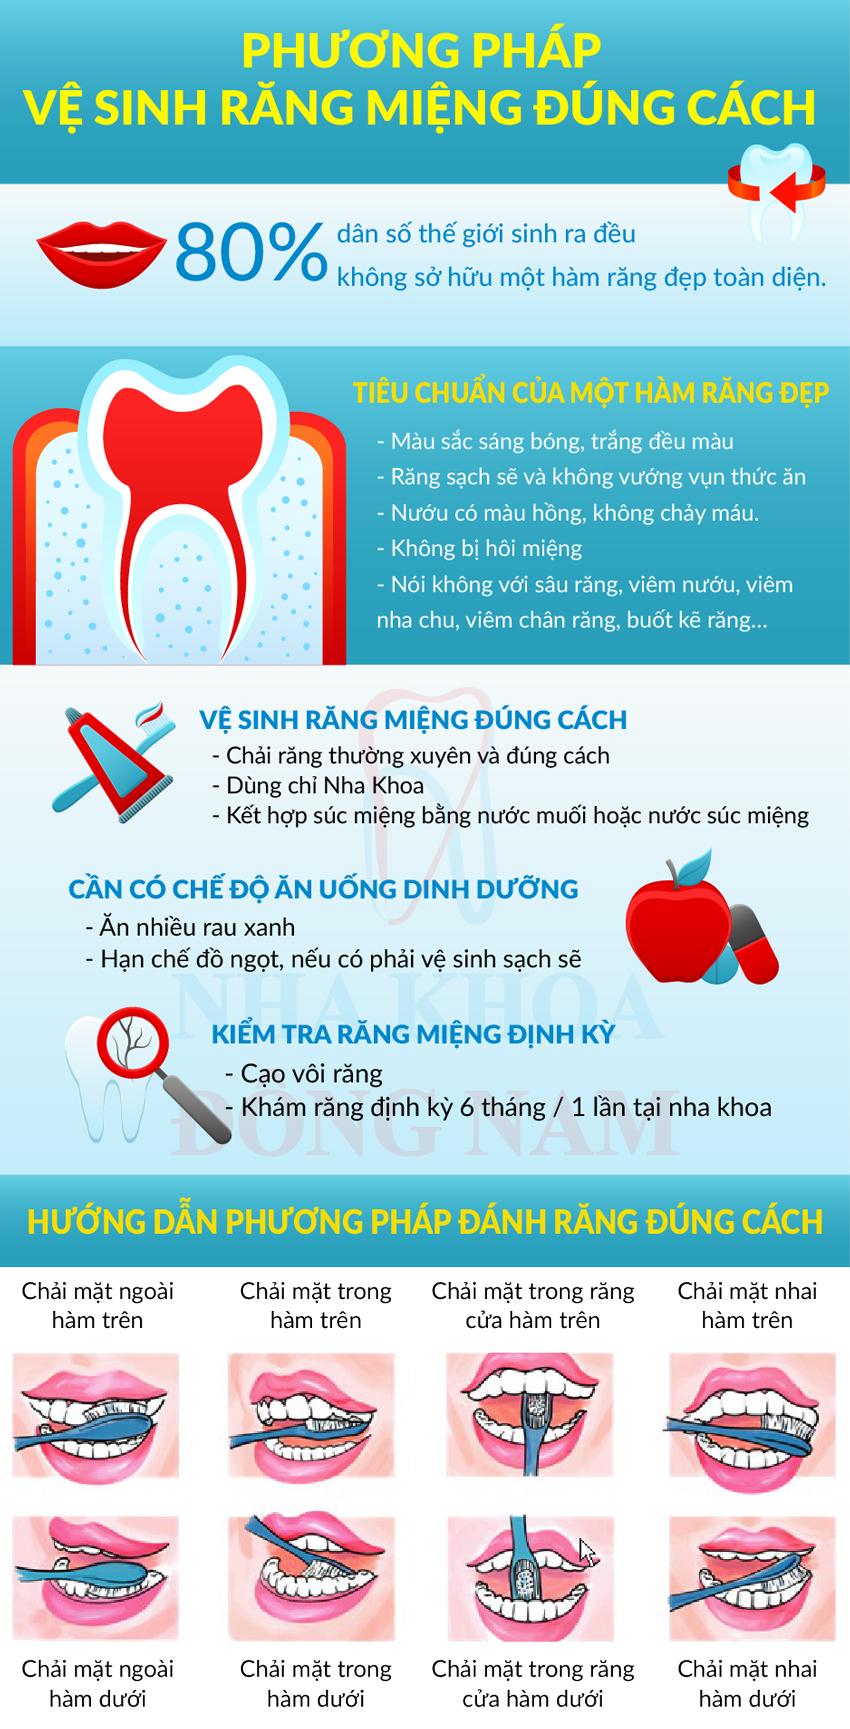 Phương pháp vệ sinh răng miệng đúng cách